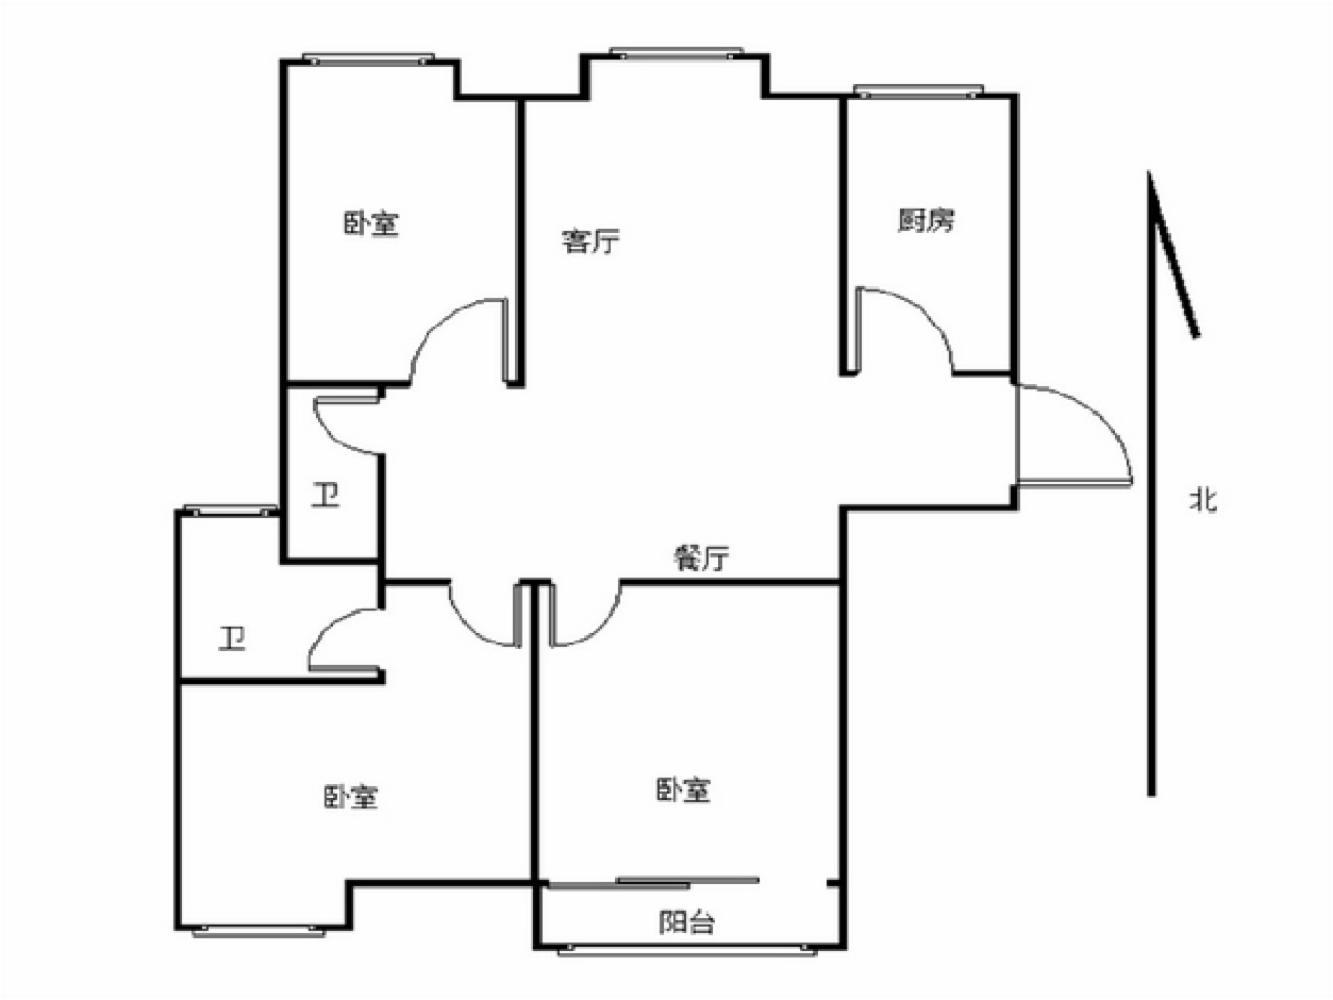 栖霞区仙林东方天郡东区3室2厅户型图